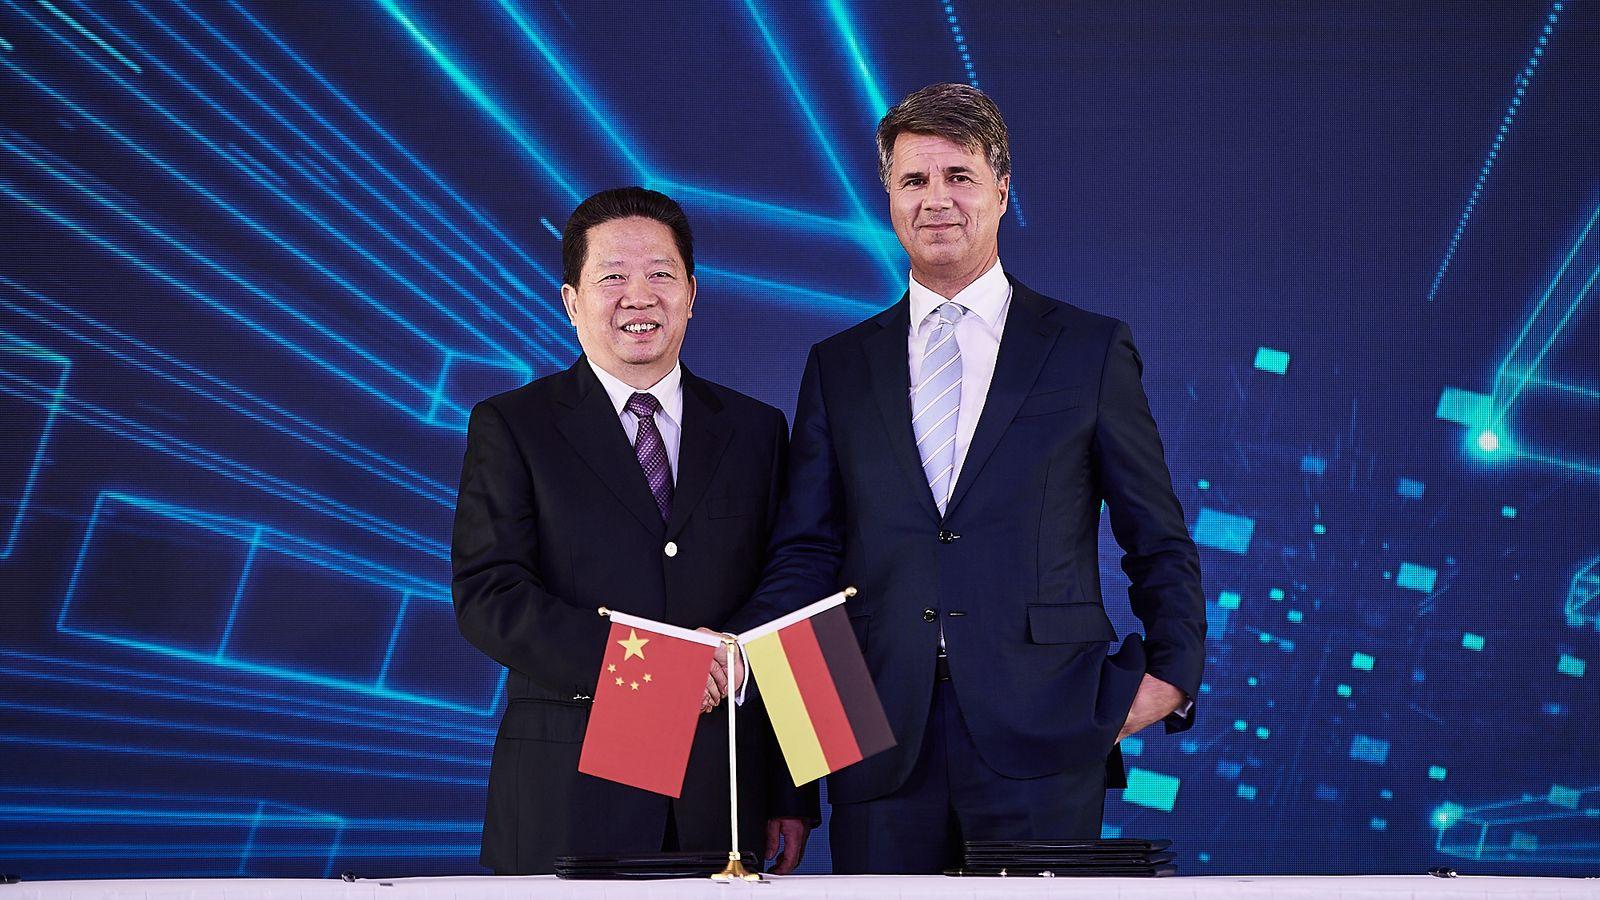 000 авто вгод: БМВ построит новый завод в«Поднебесной»